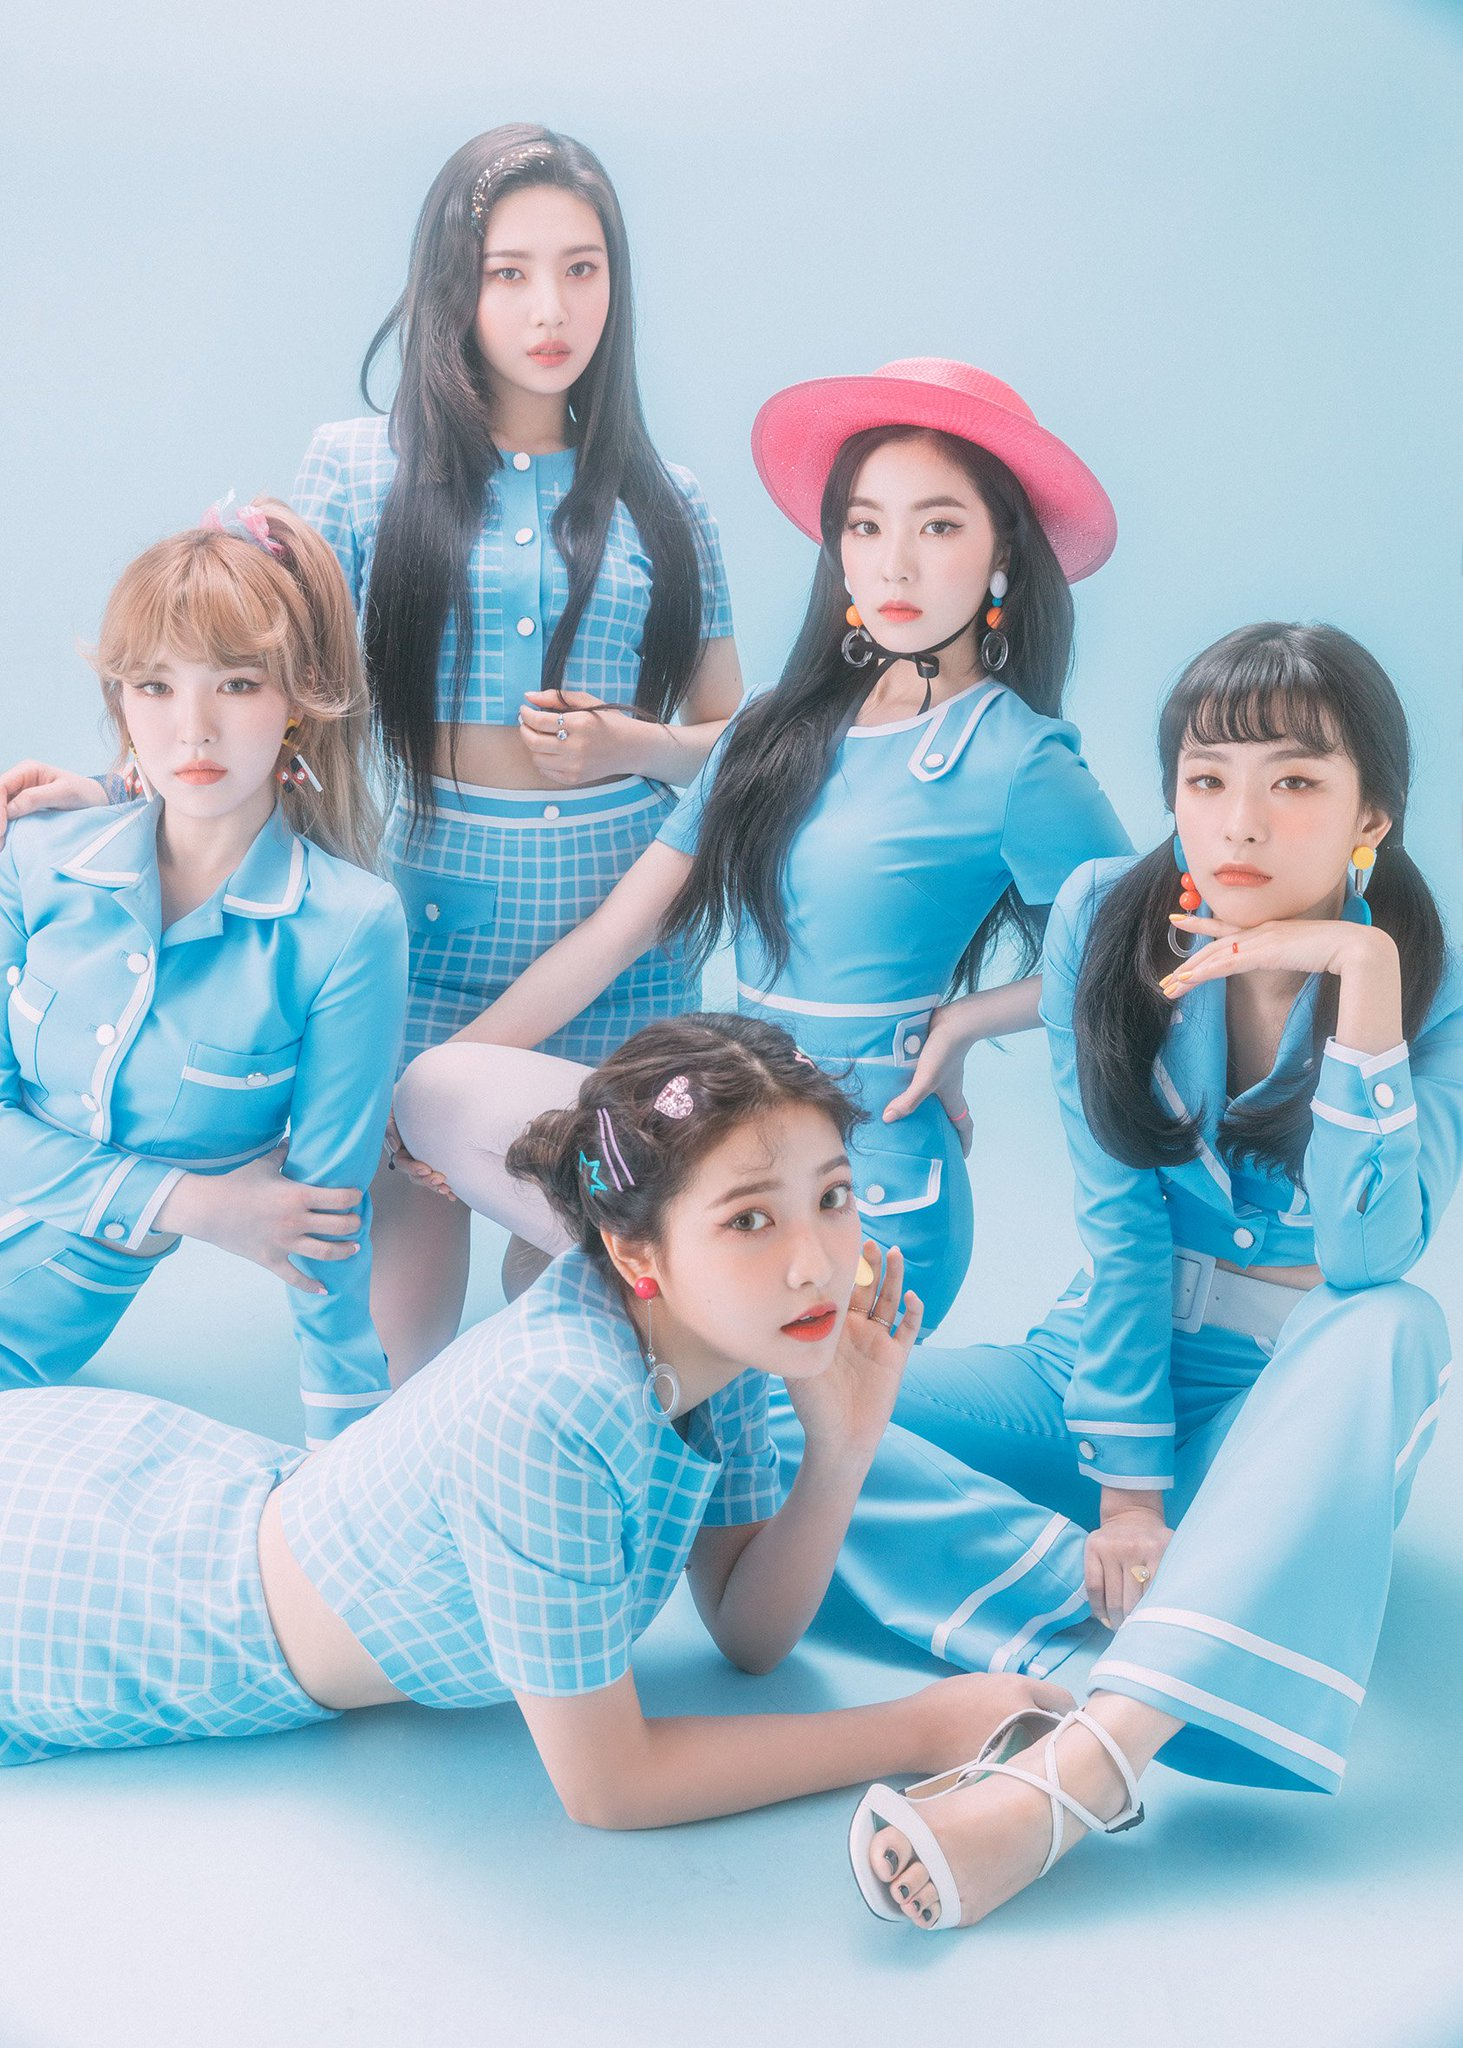 Red Velvet JAPAN 1st mini ALBUM 「#CookieJar」 7.4 Release!  https://t.co/YJIoAIKrwz  #RedVelvet #CookieJar https://t.co/wFuuOzB46R